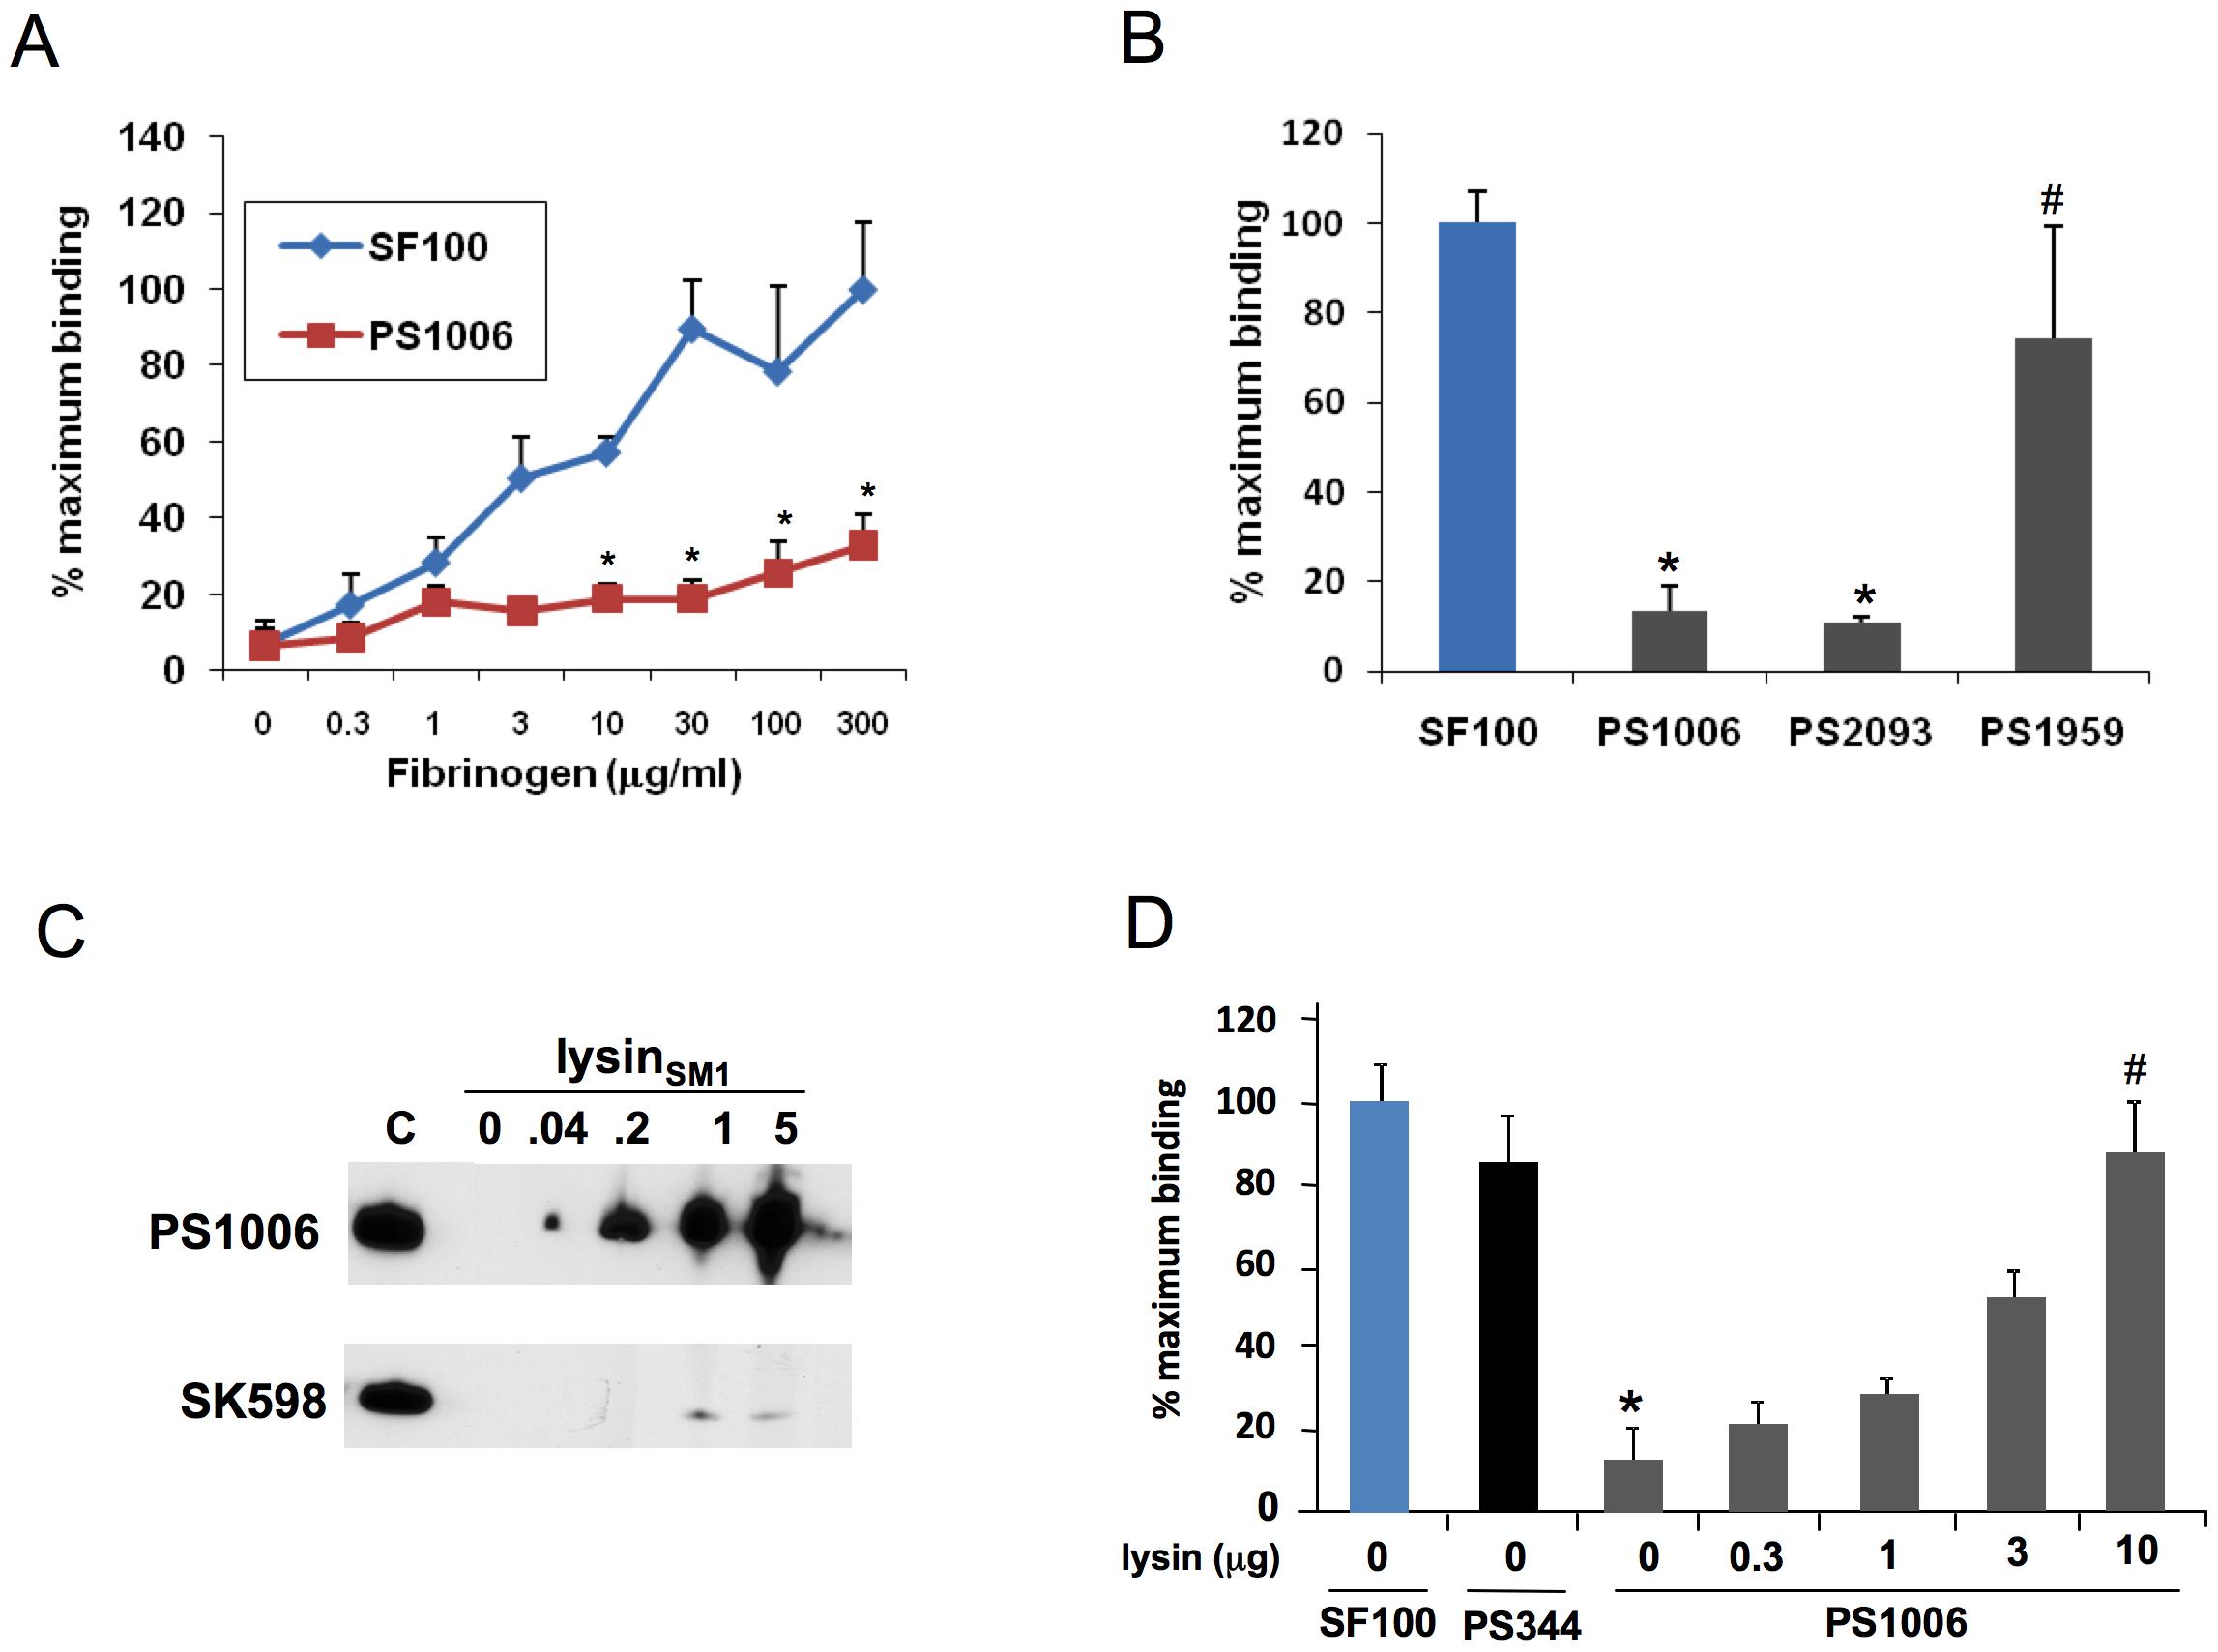 Lysin mediates binding of bacteria to fibrinogen.